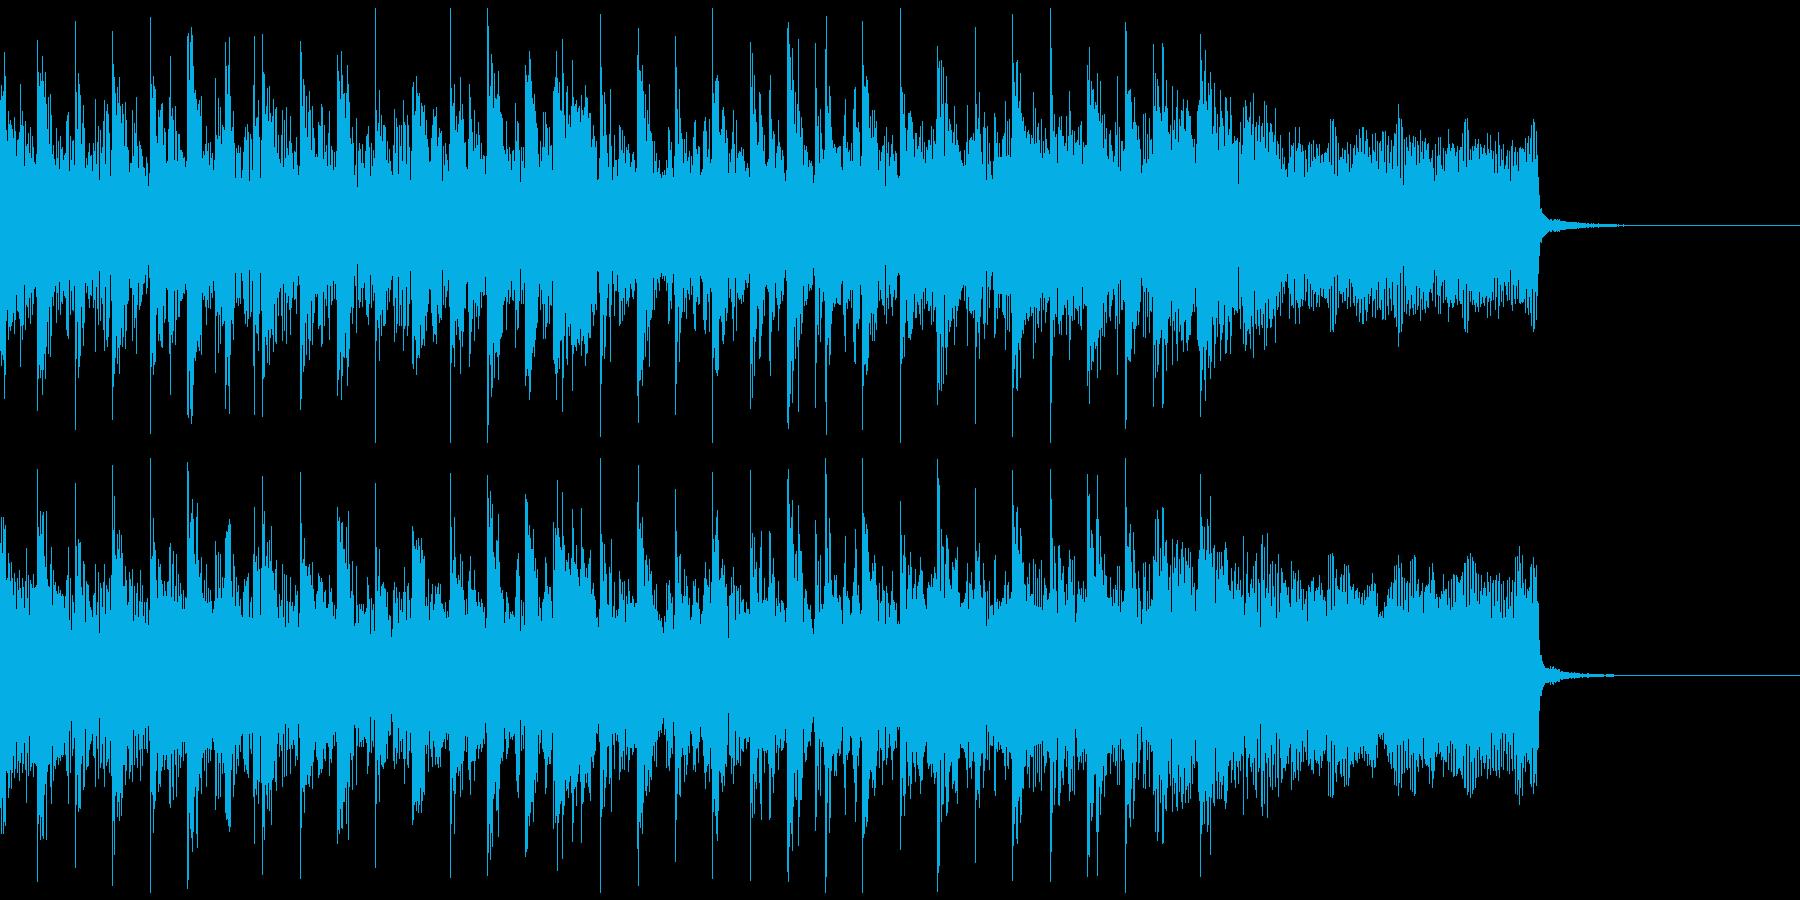 激しいビートのテクノジングルの再生済みの波形